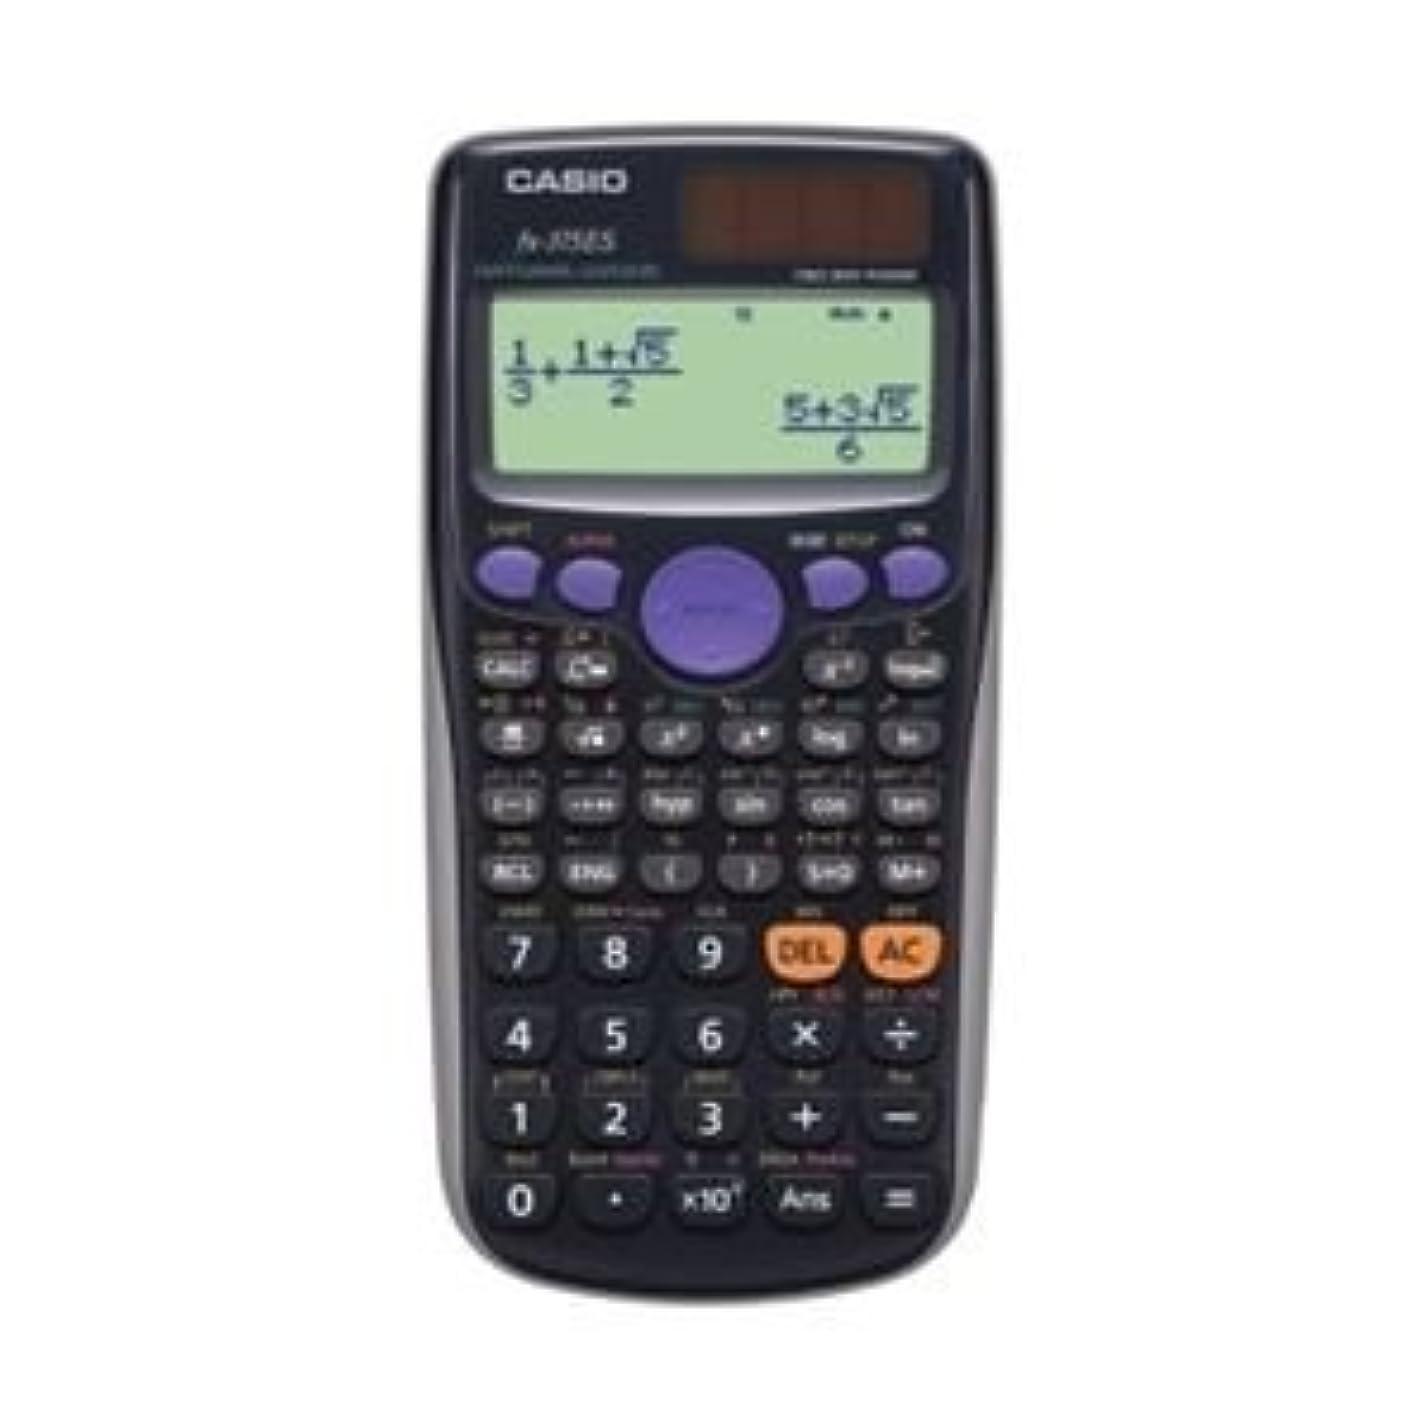 答えまあ速報カシオ計算機(CASIO) 数学自然表示関数電卓 10桁 FX-375ES-N